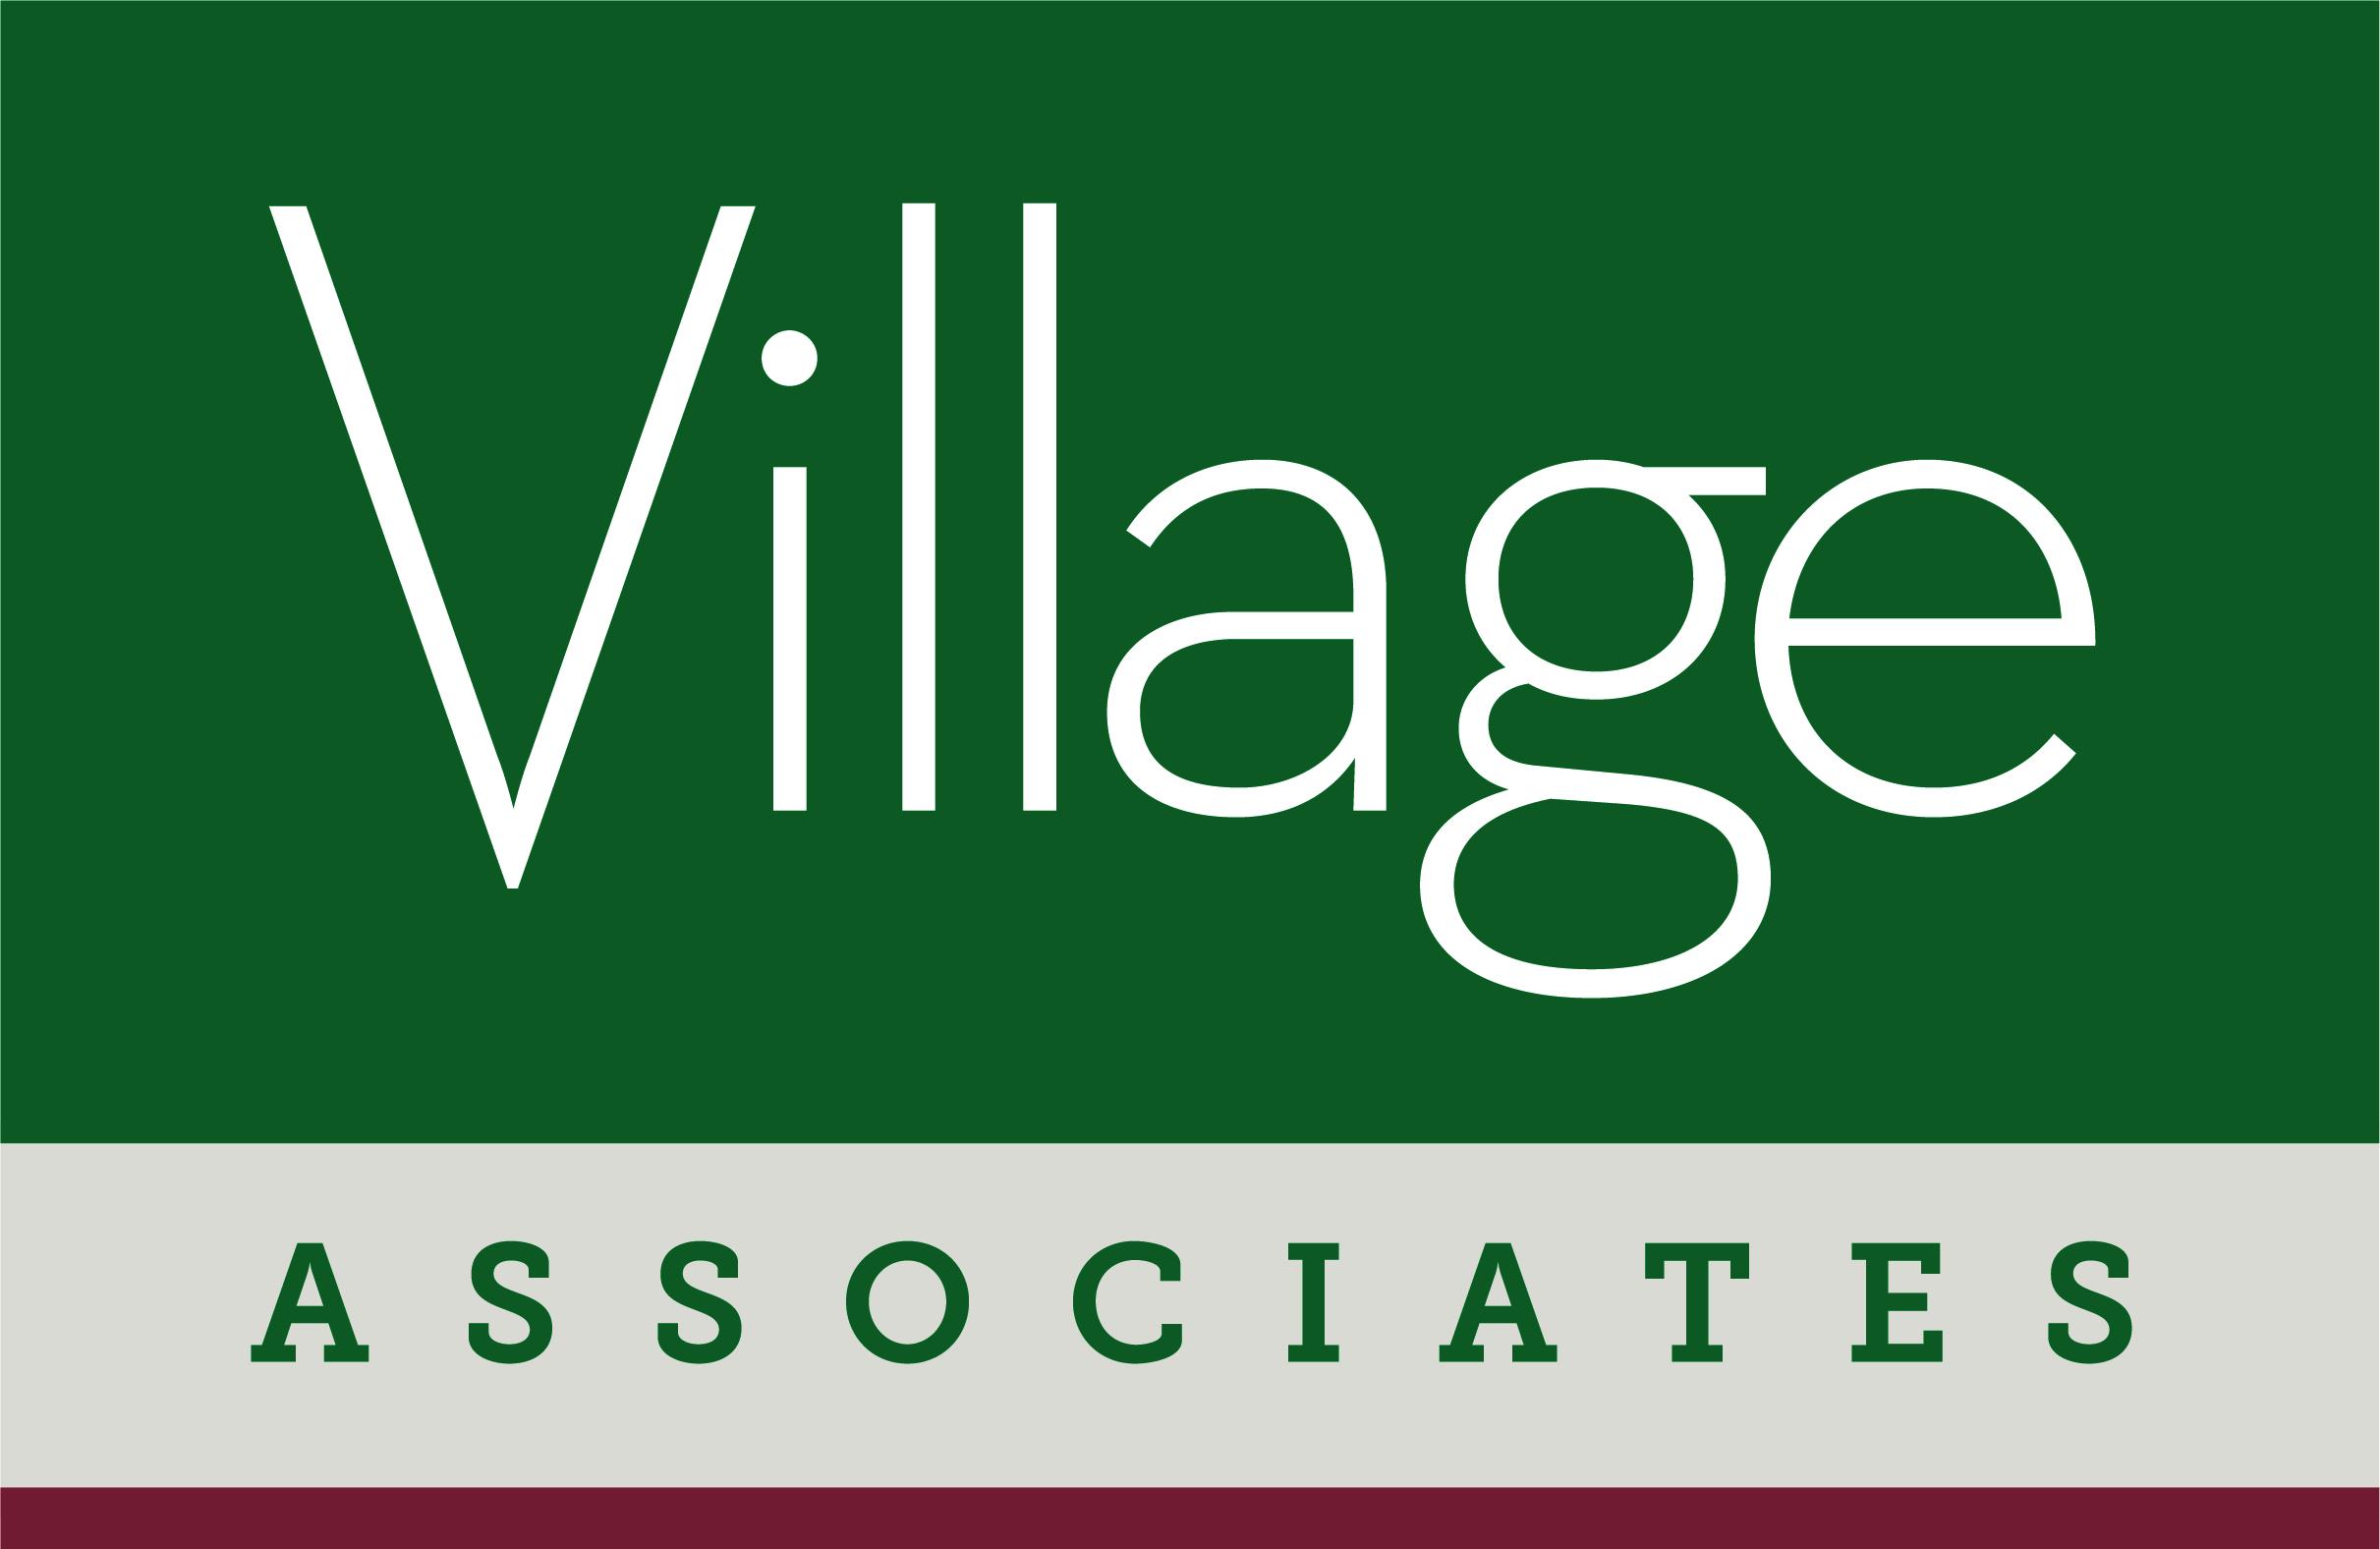 VillageAssociates-logo-new300dpi.jpg